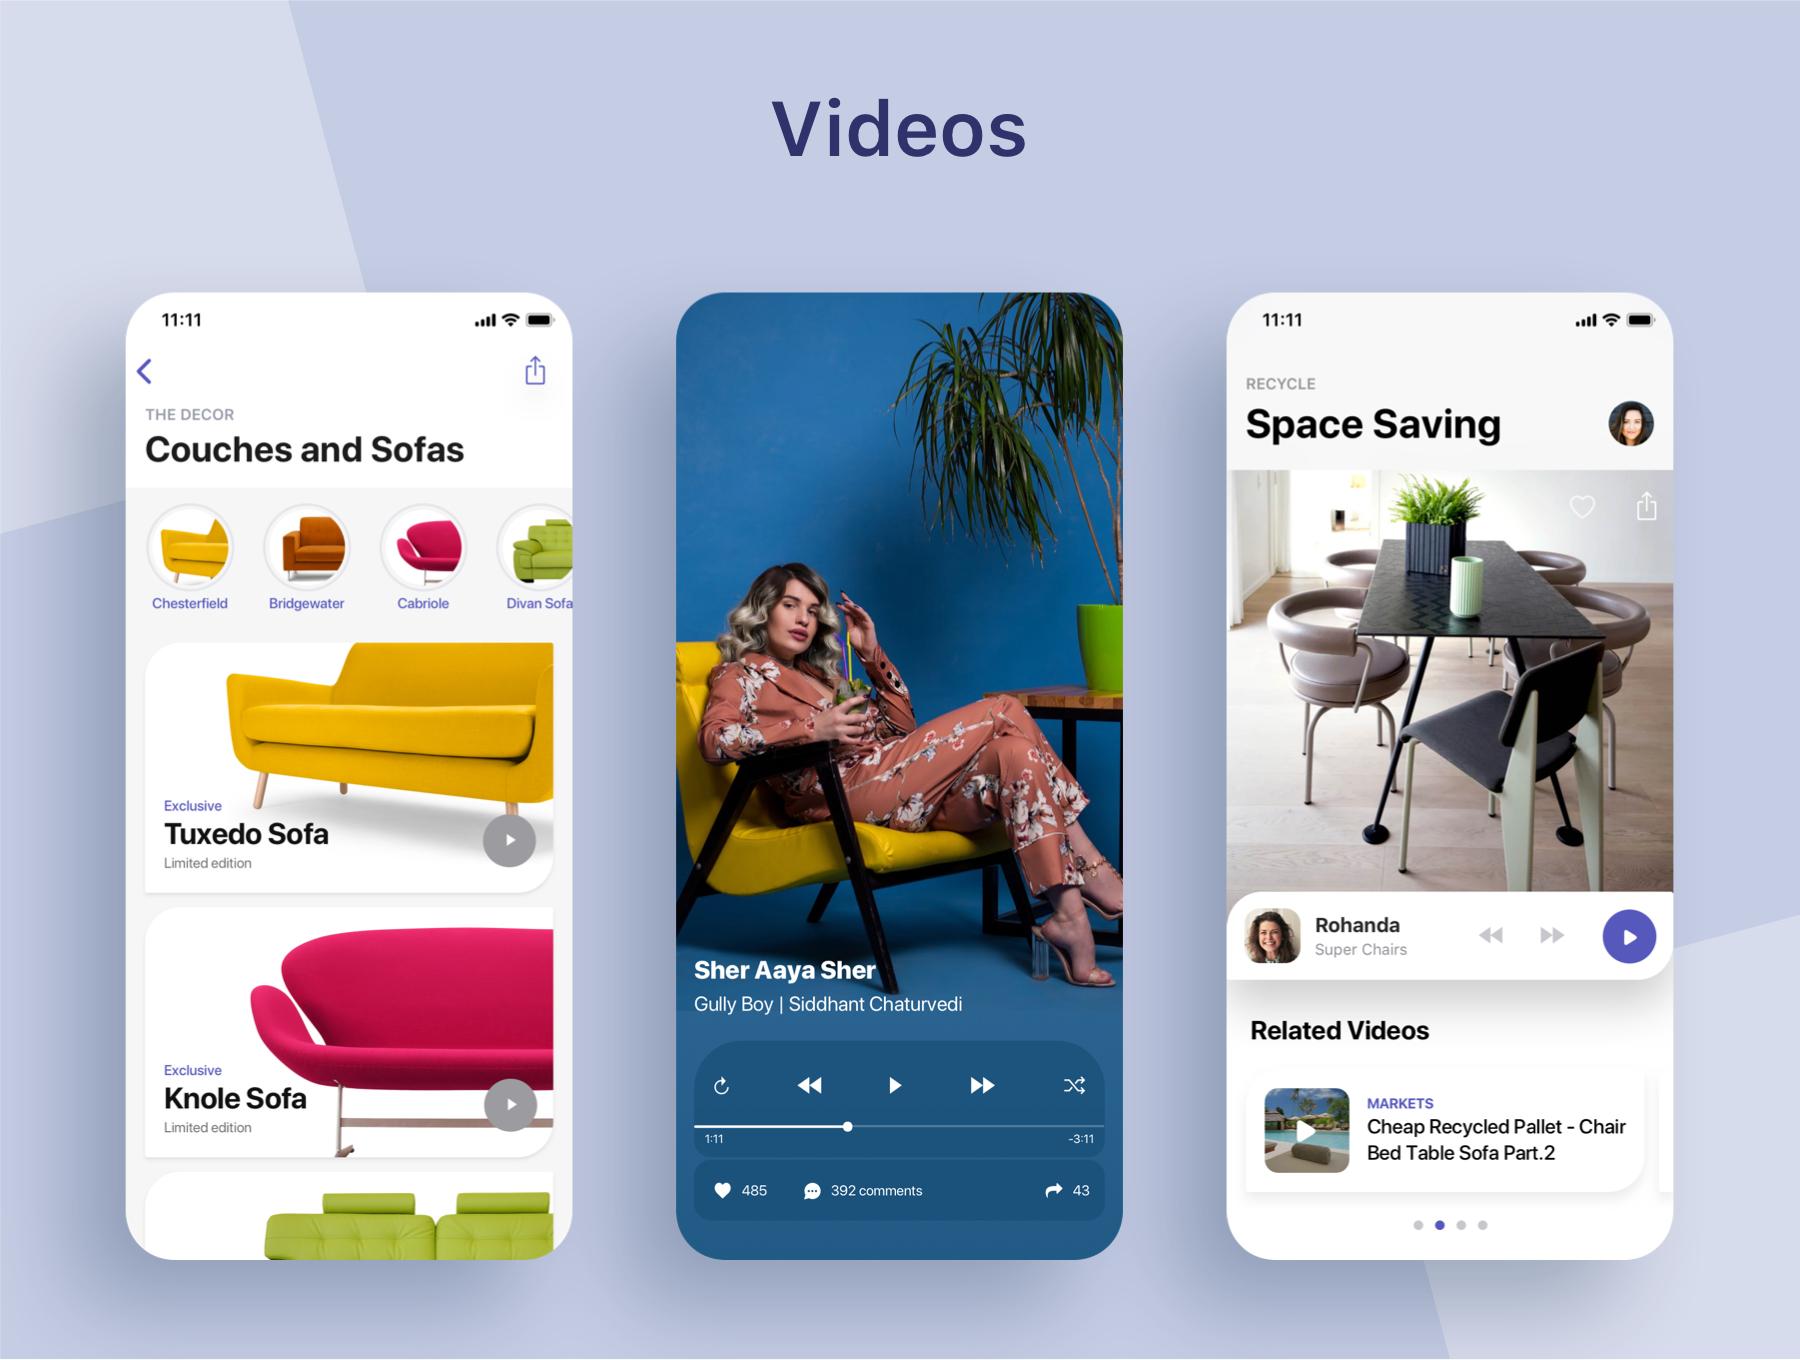 高端时尚家居电商APP UIkit下载 app设计 app界面设计  UI设计The Decor Lifestyle App